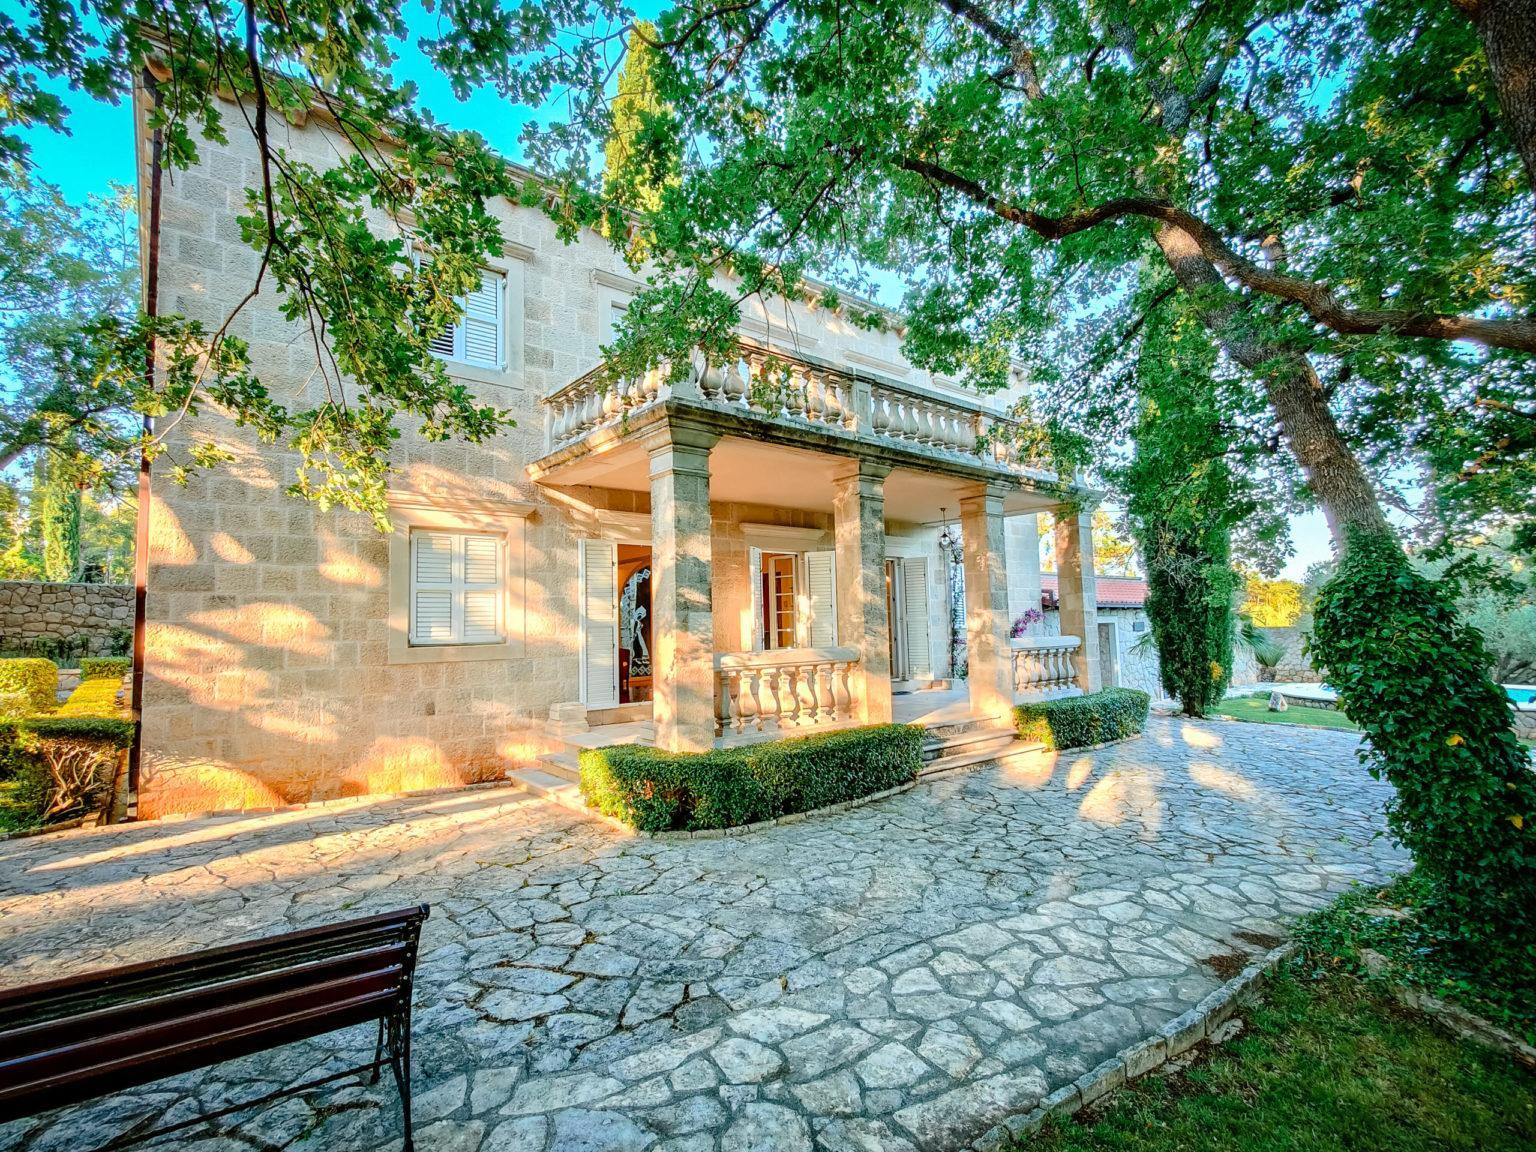 hochzeitslocation Kroatien location heiraten hochzeit 7 scaled - Gartenvilla